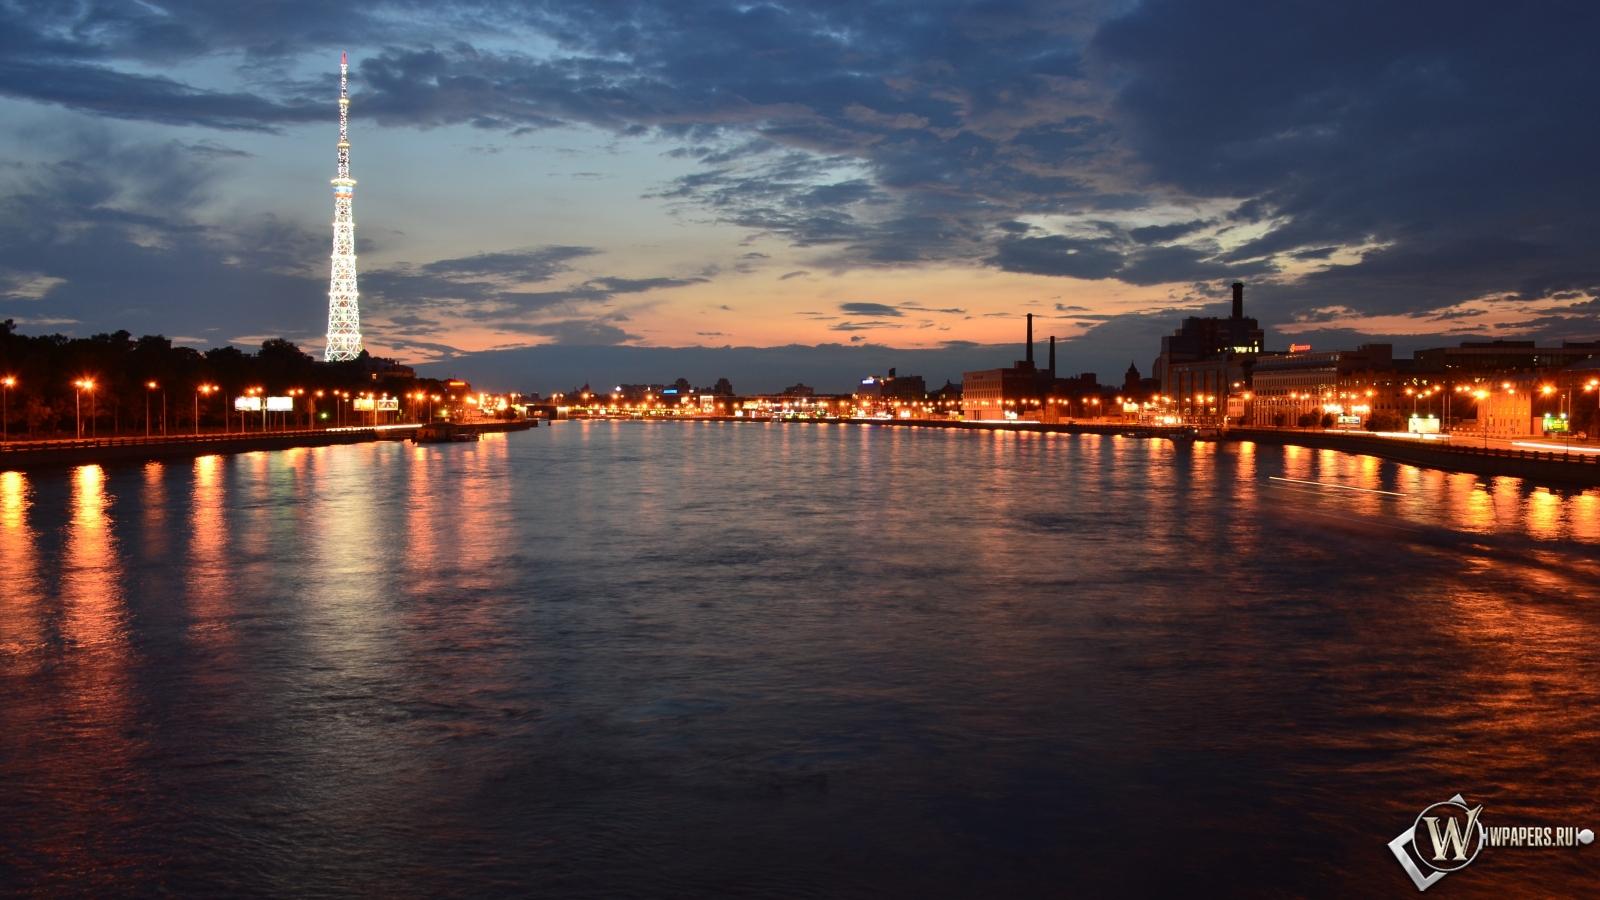 Мост через Неву 1600x900